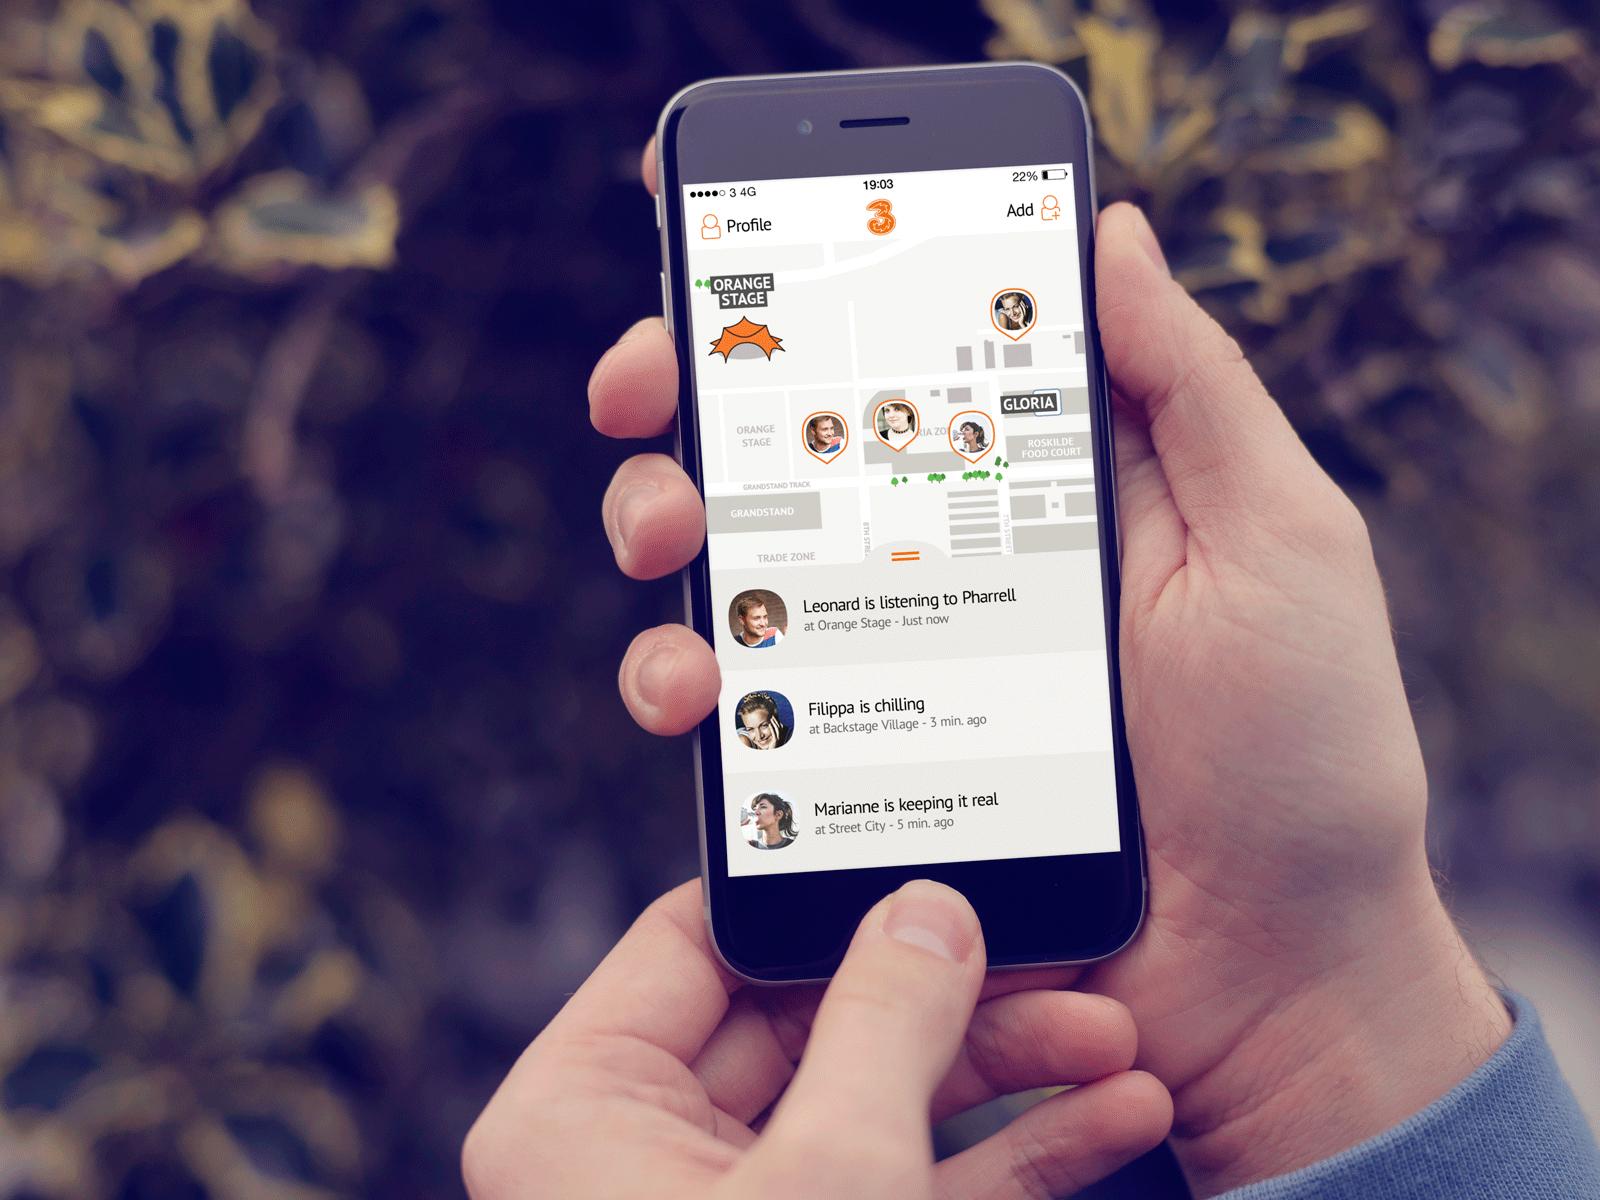 Ny app fra 3 hjælper festivalgæster med at finde hinanden